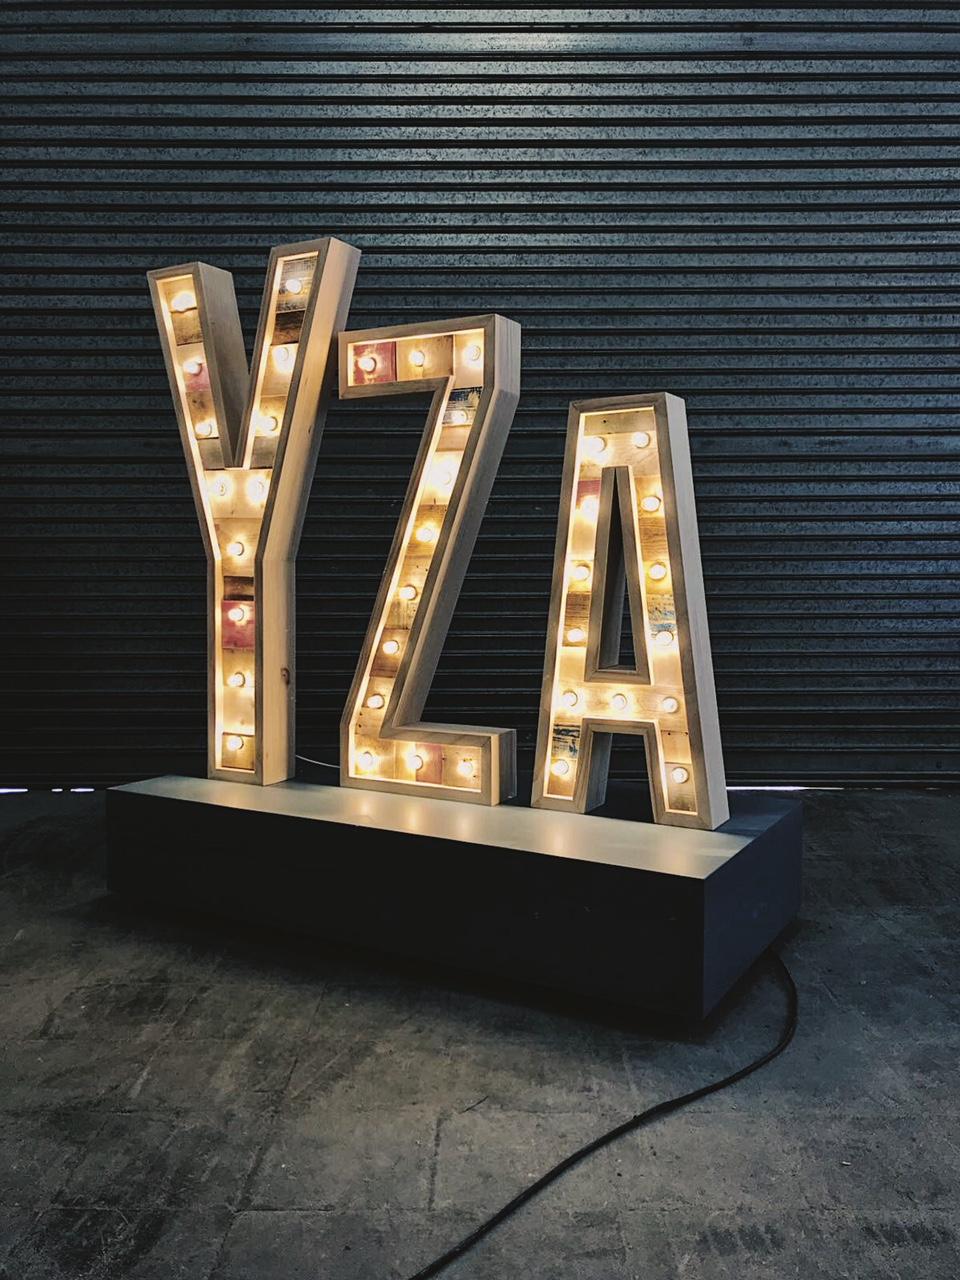 YZAGUIRRE-LETRASLUMINOSAS-27LLETRES-02.JPG